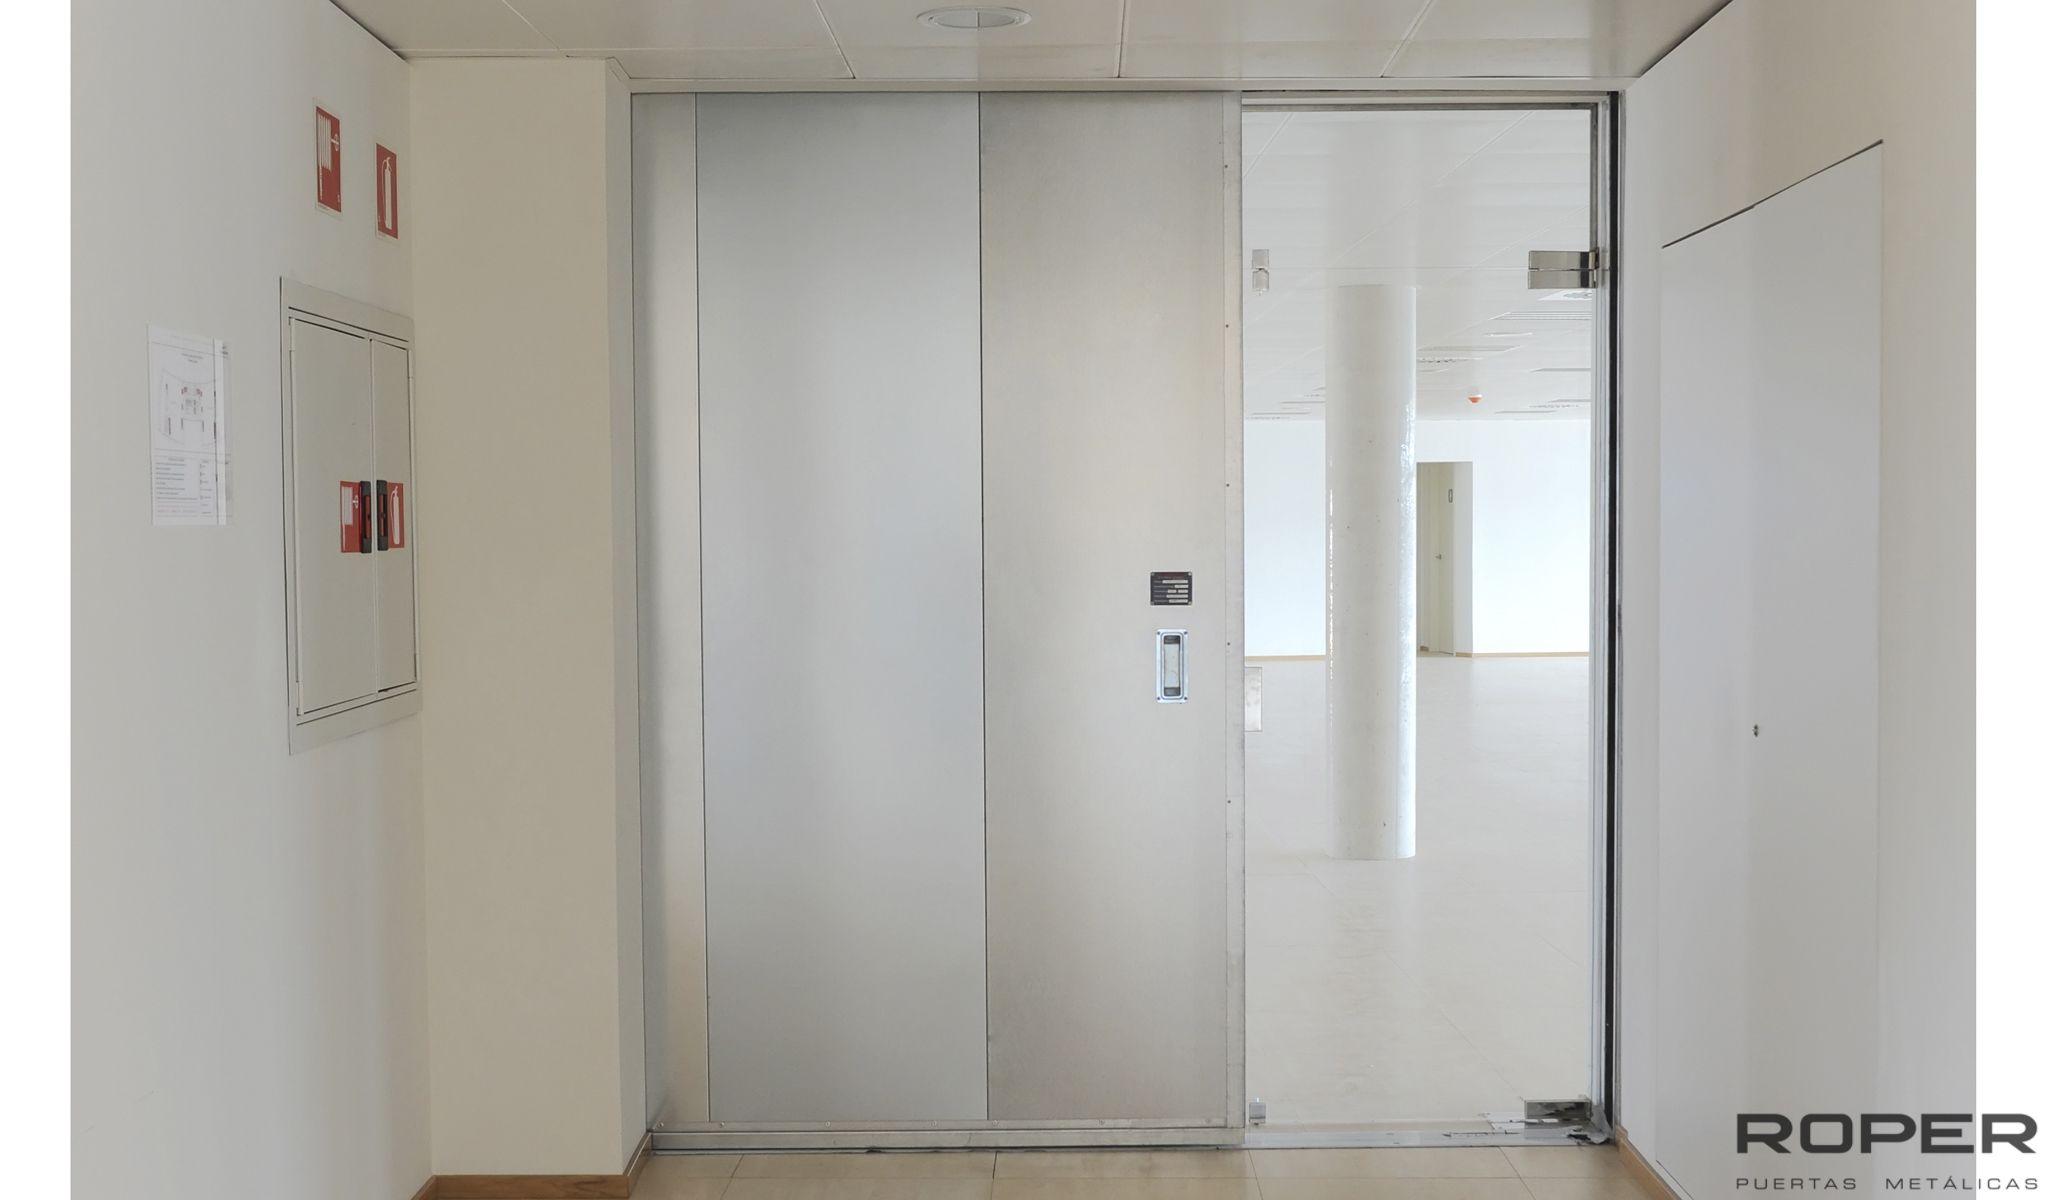 Conoce los tipos de puertas cortafuego - Tipos de puertas correderas ...